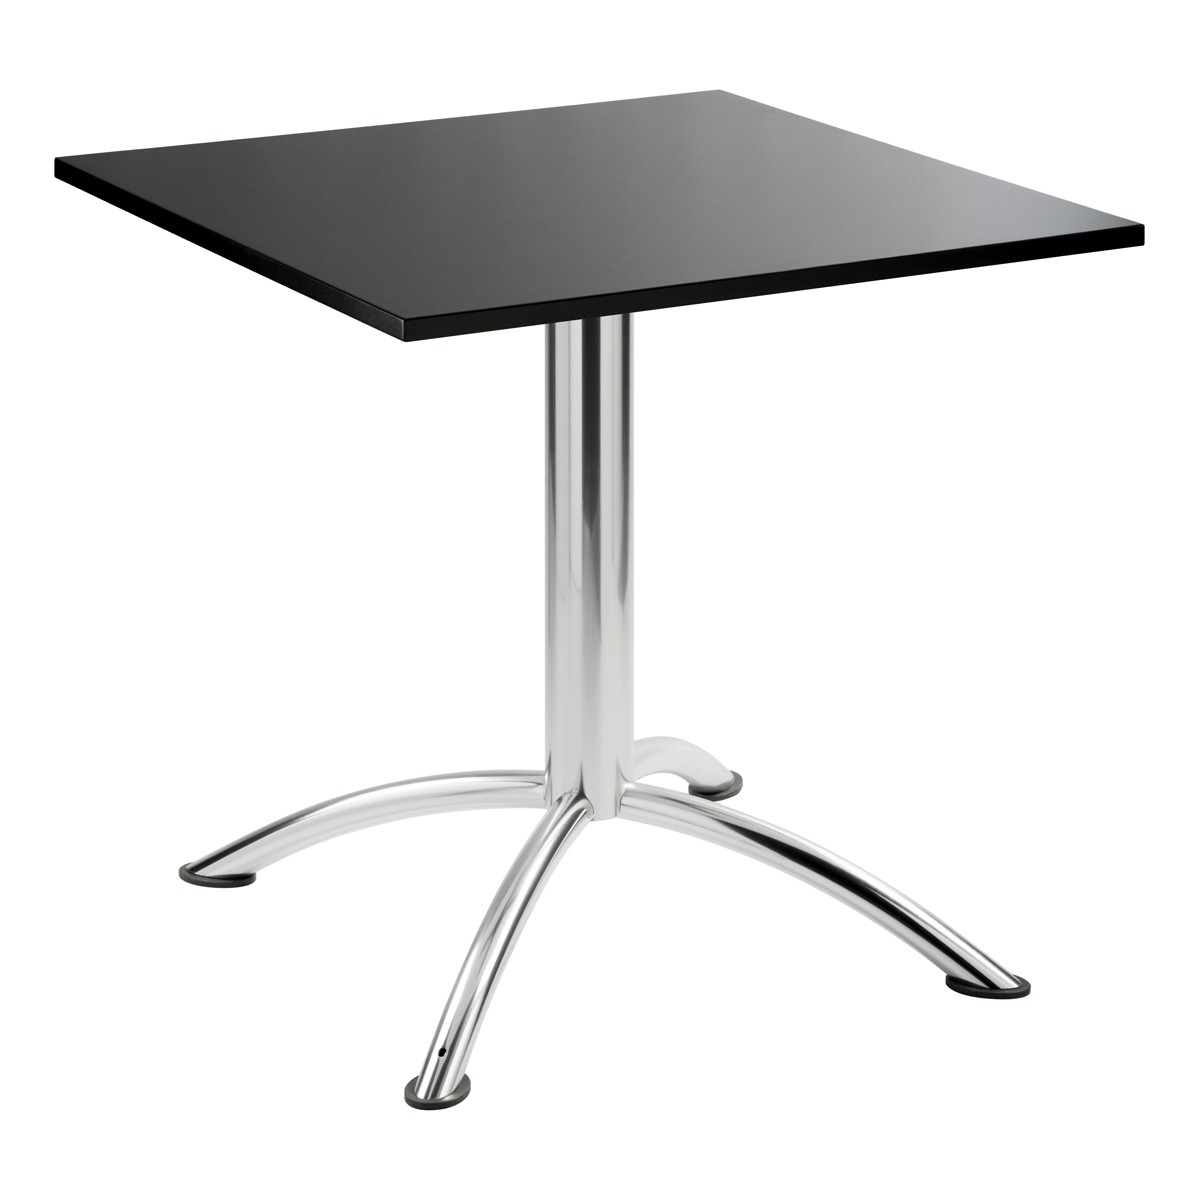 Sitztisch Sea, eckig, schwarz